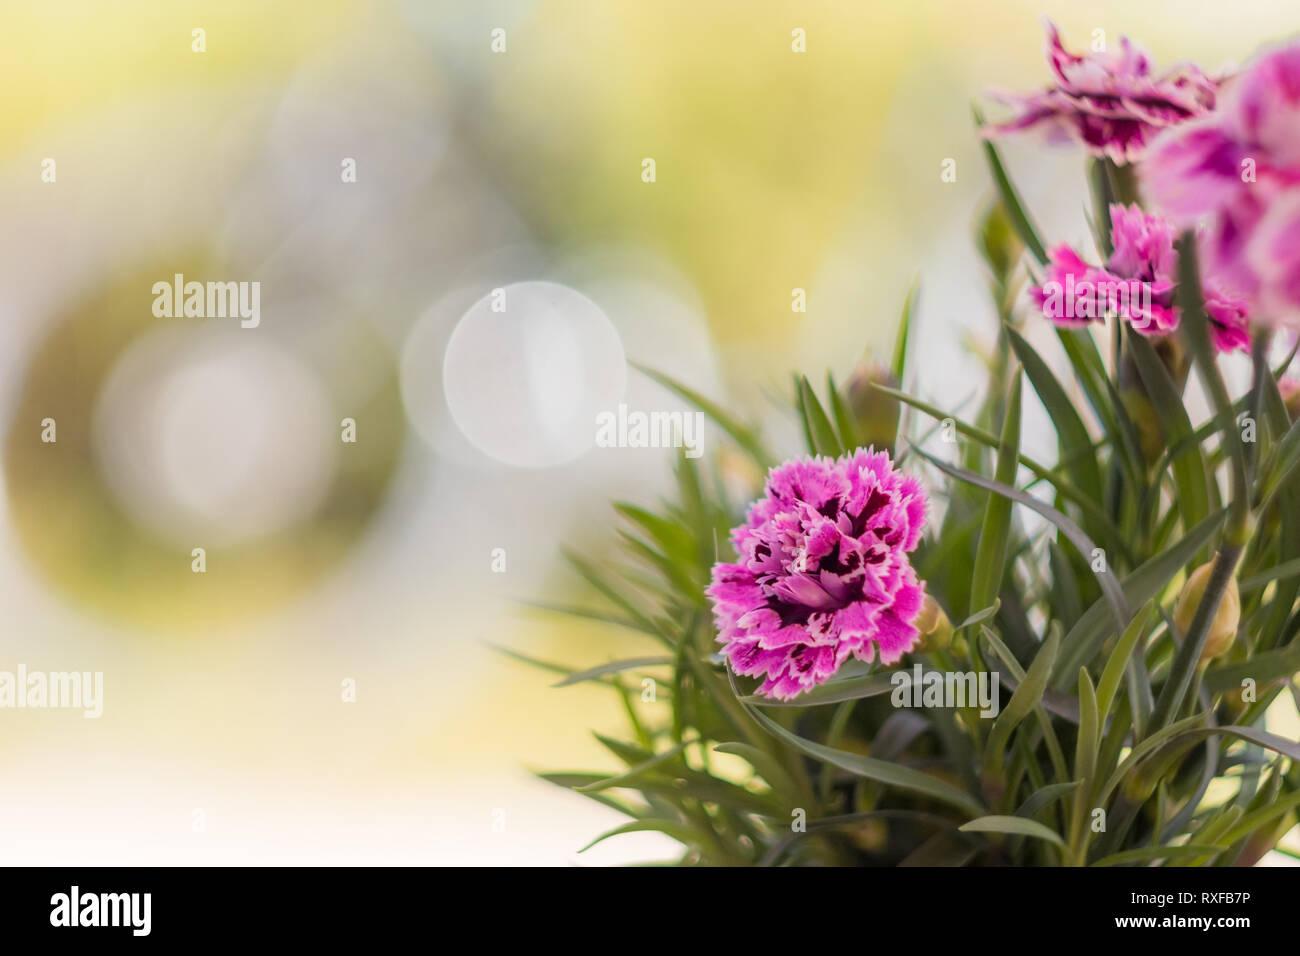 Garten Nelke - Stock Image